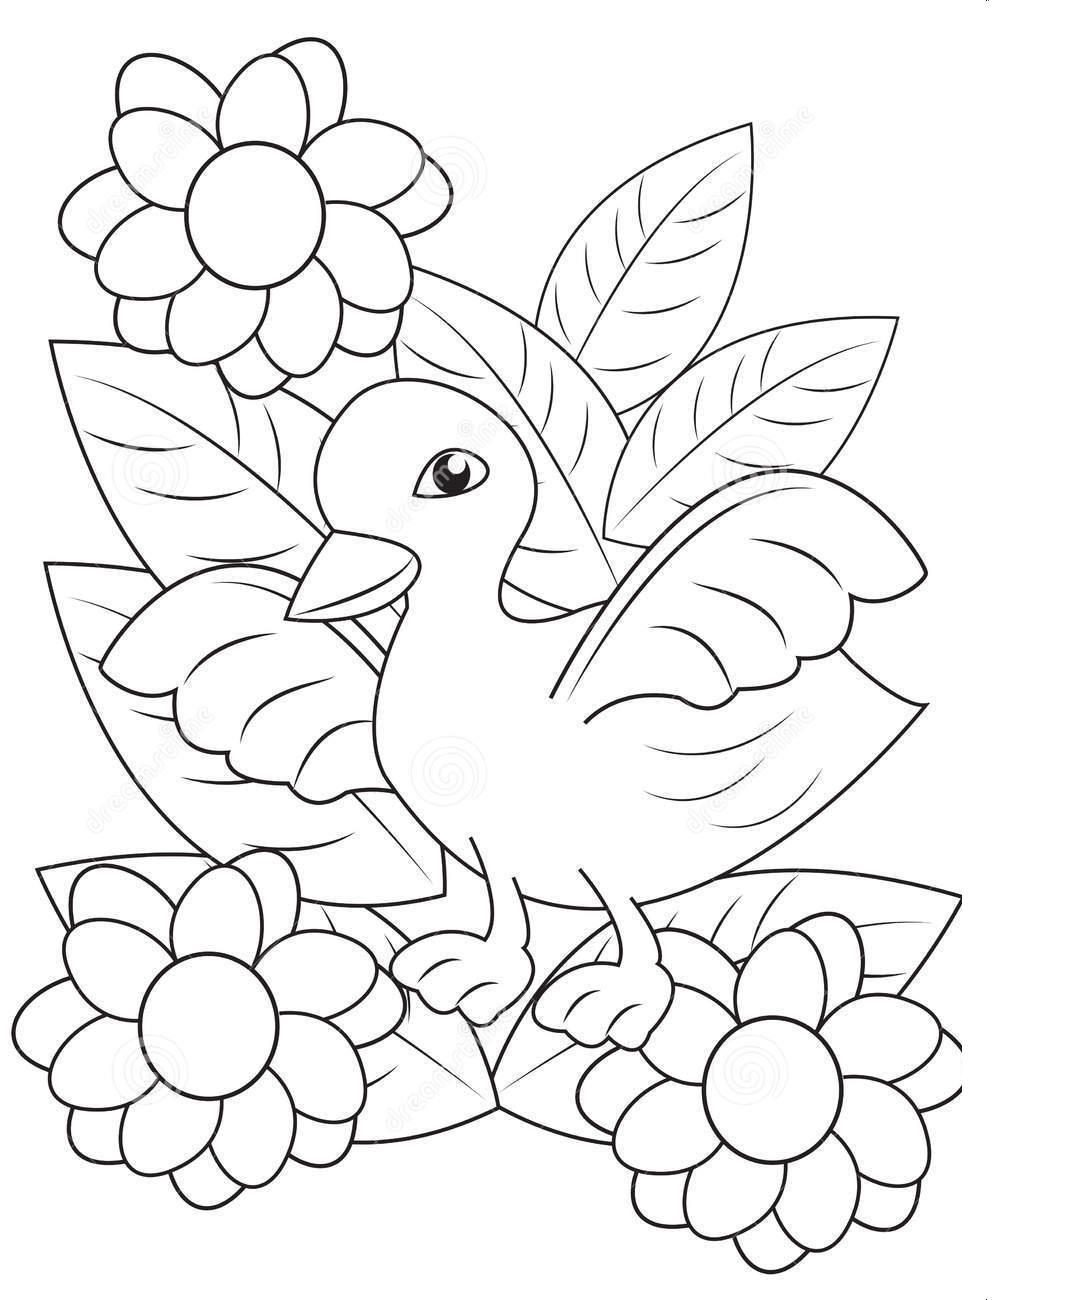 Утенок на поле цветов Раскраски цветочки для детей бесплатно